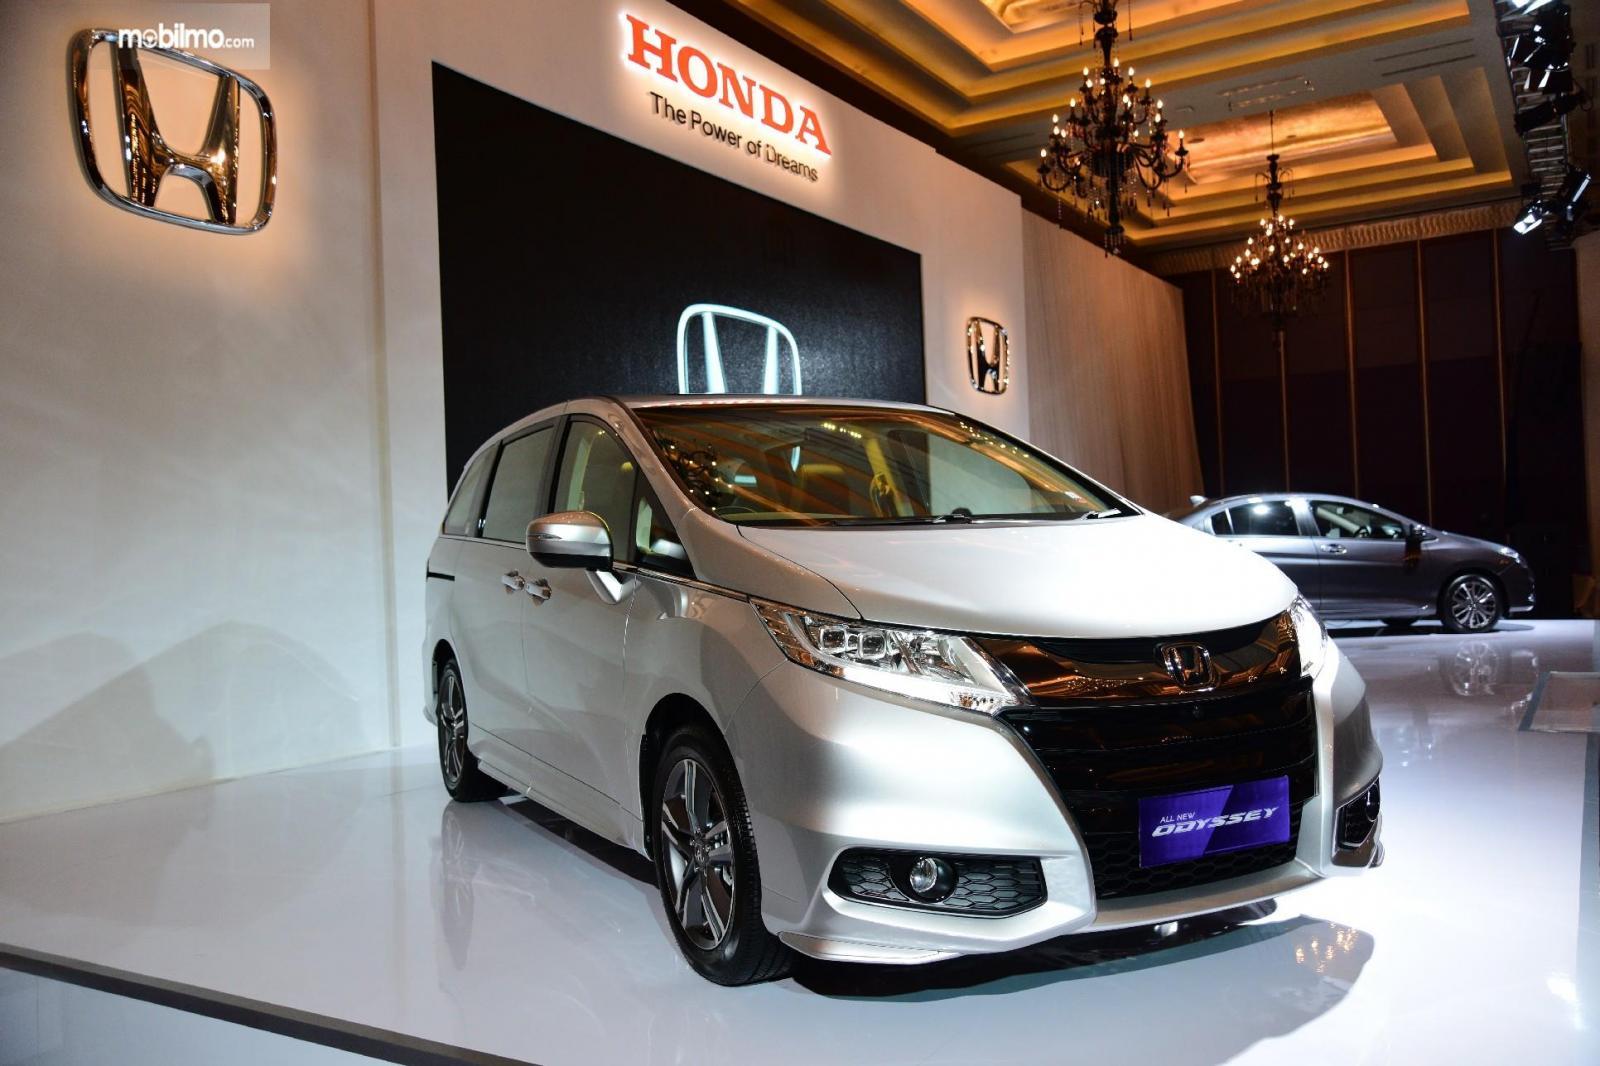 Foto All New Honda Odyssey 2017 saat diluncurkan